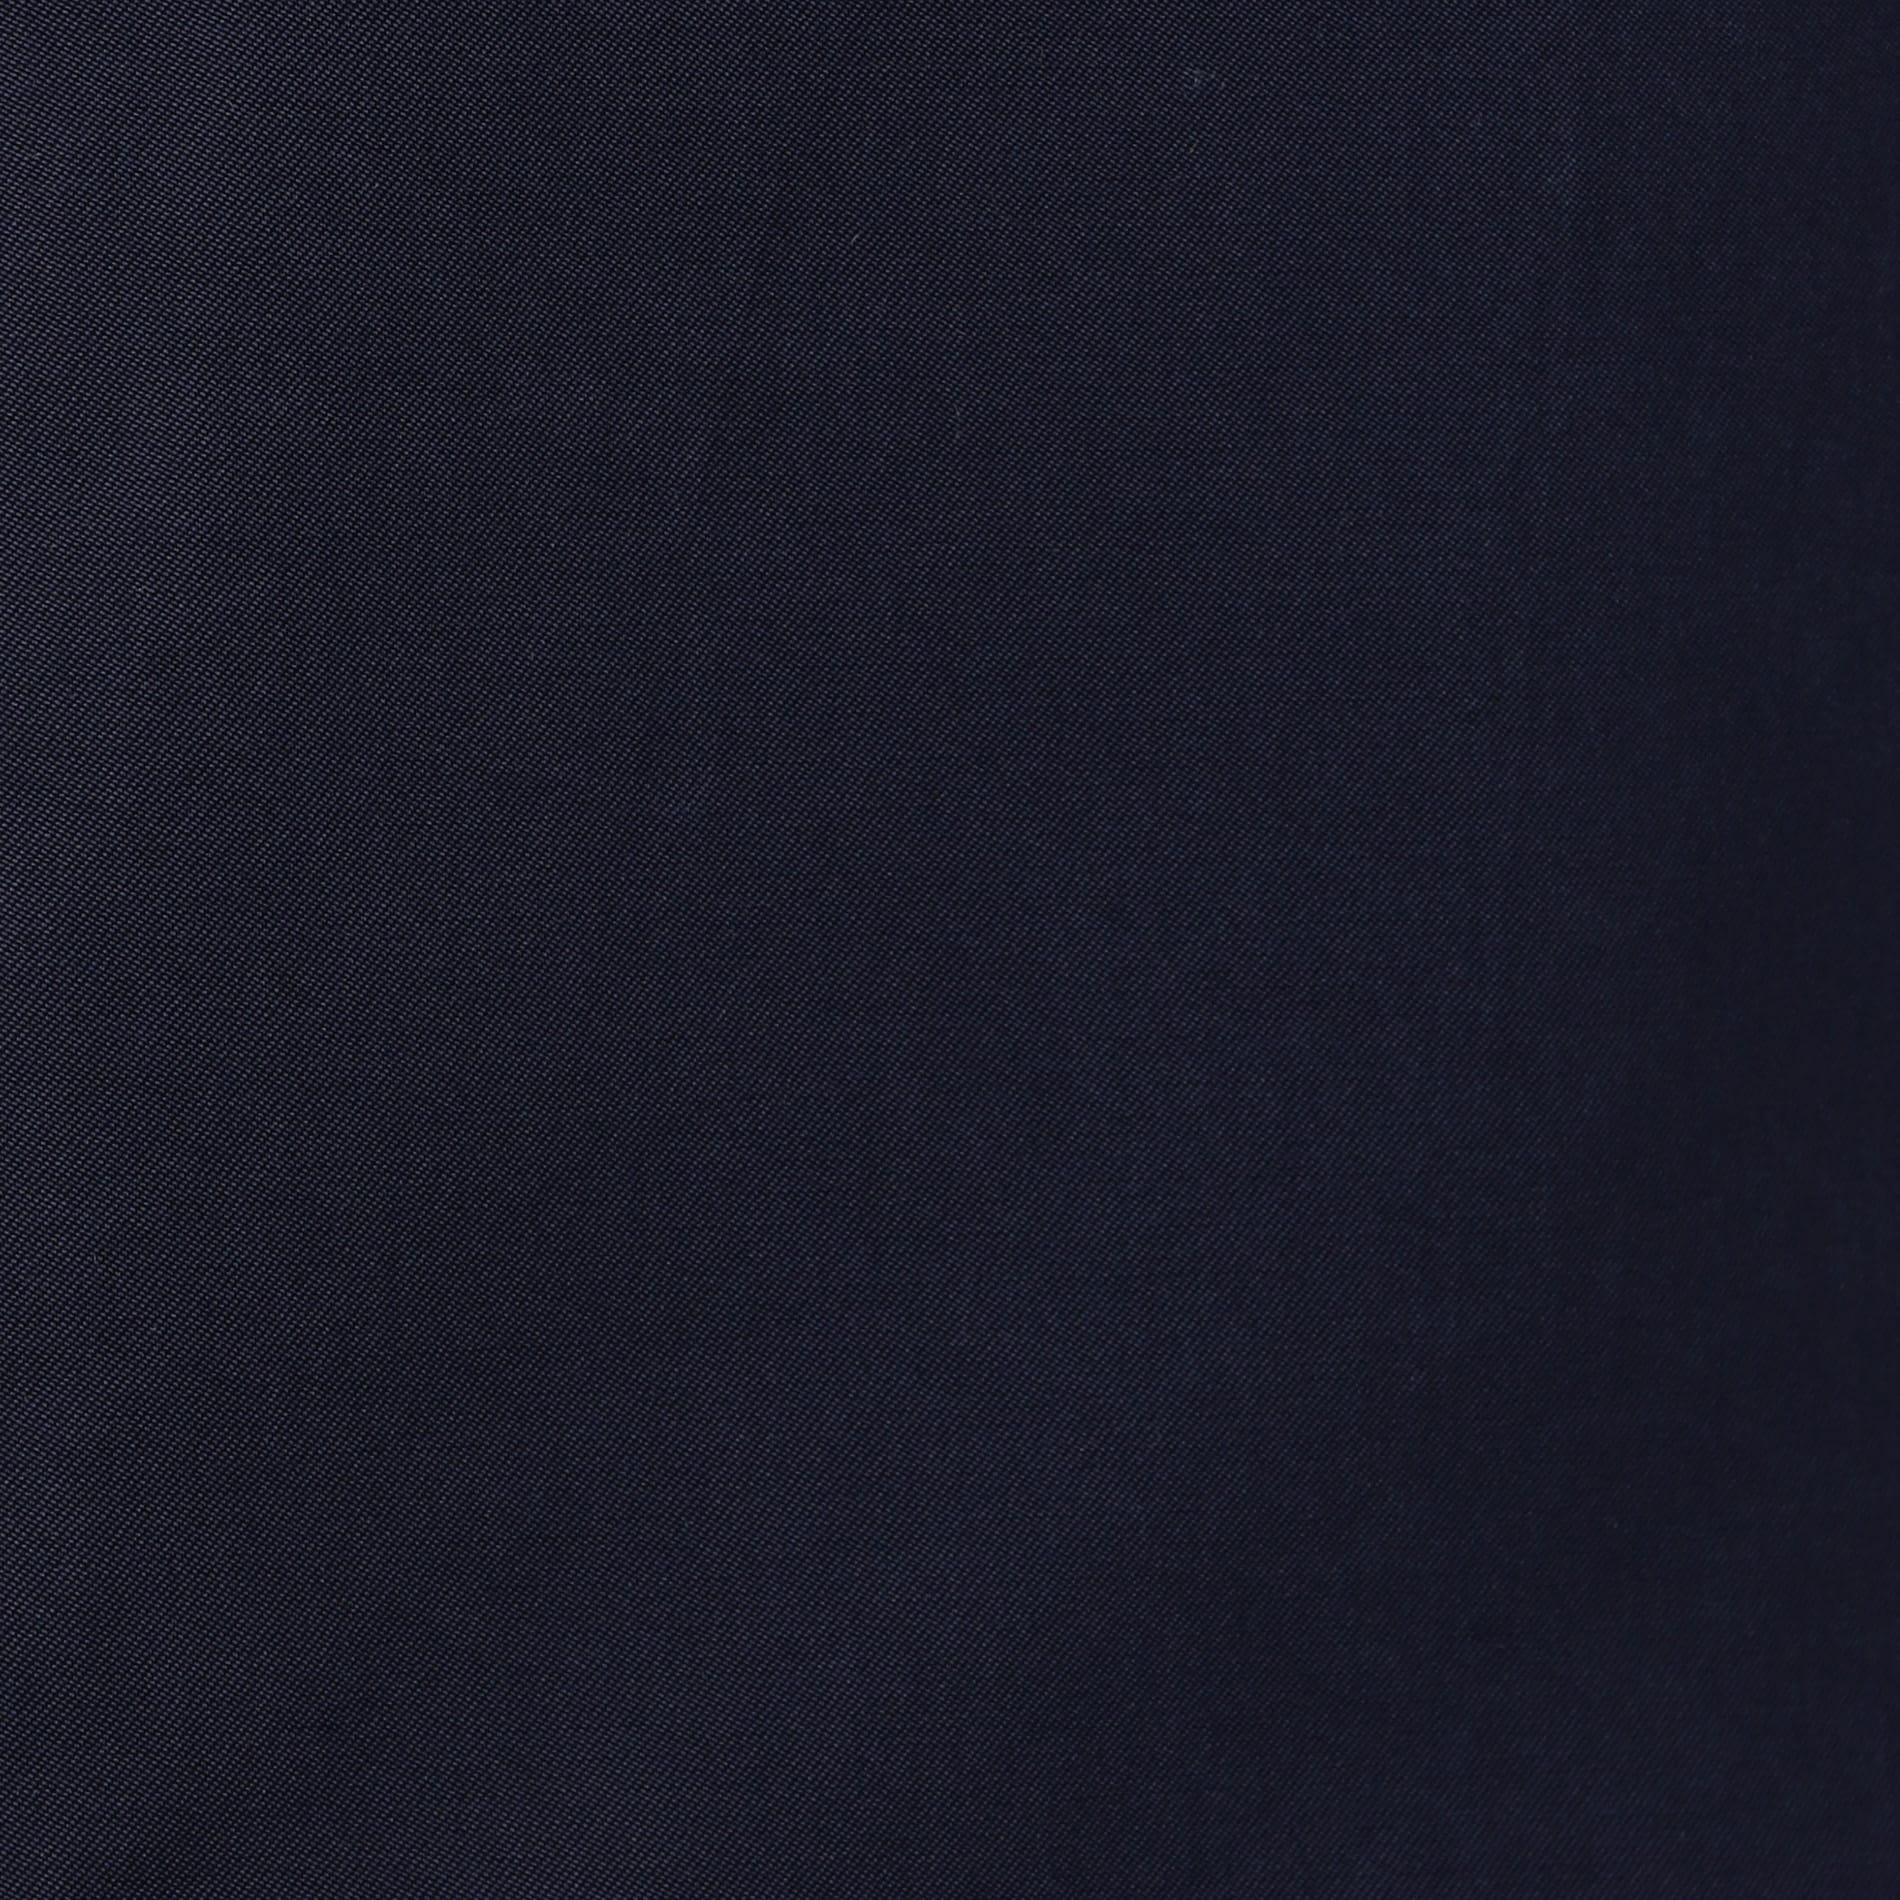 ステンカラーライナー付き ウールコート